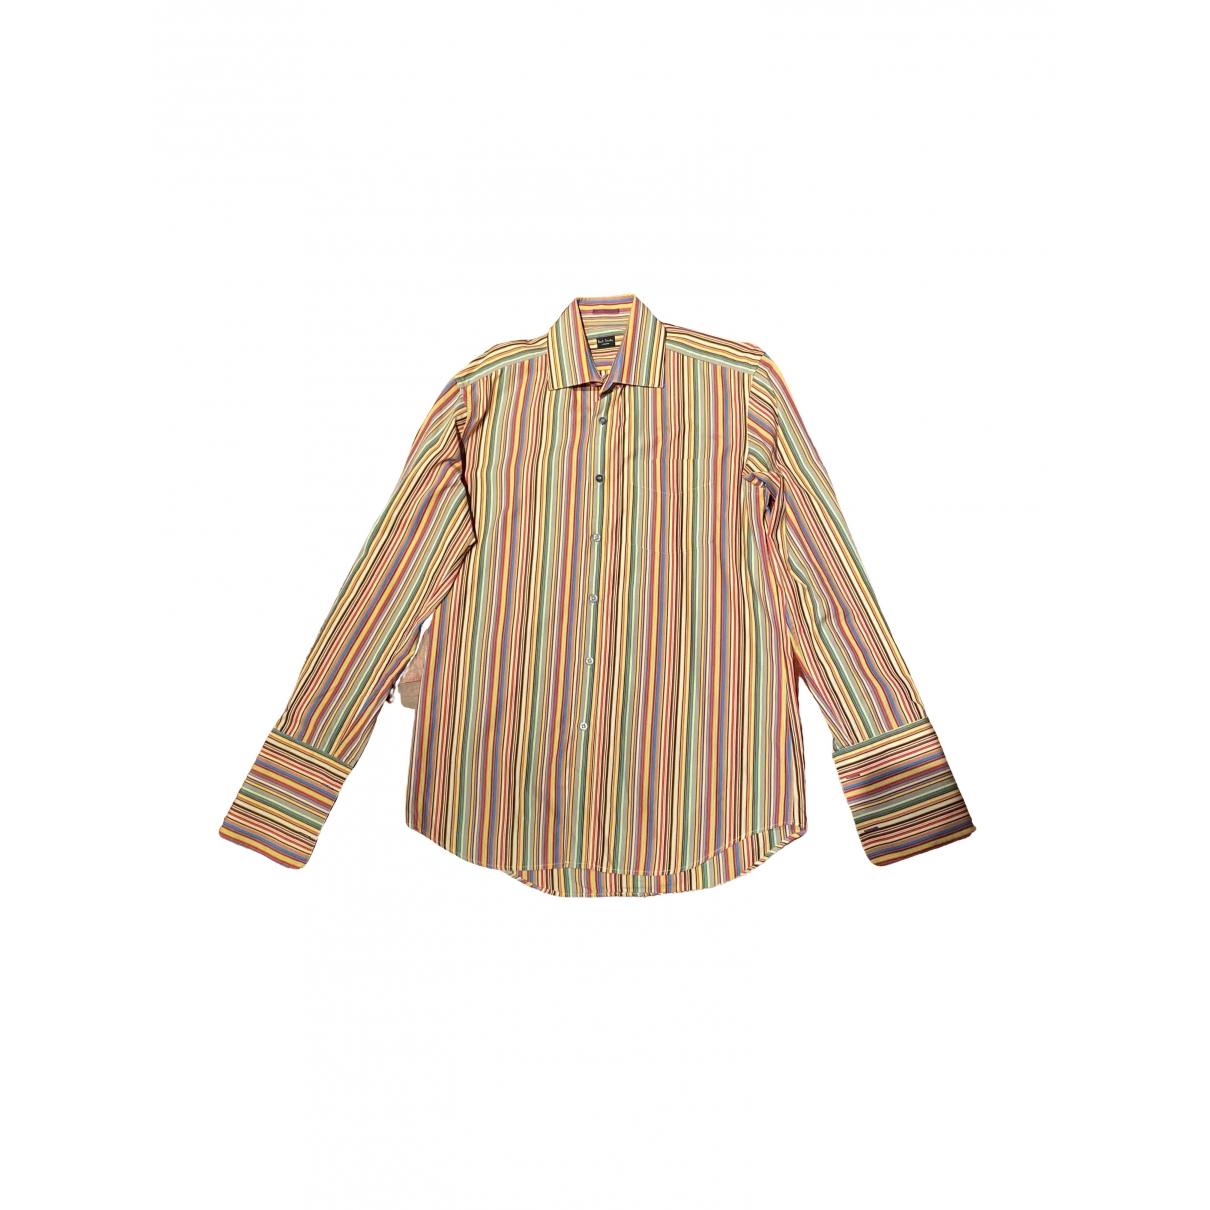 Paul Smith - Chemises   pour homme en coton - multicolore